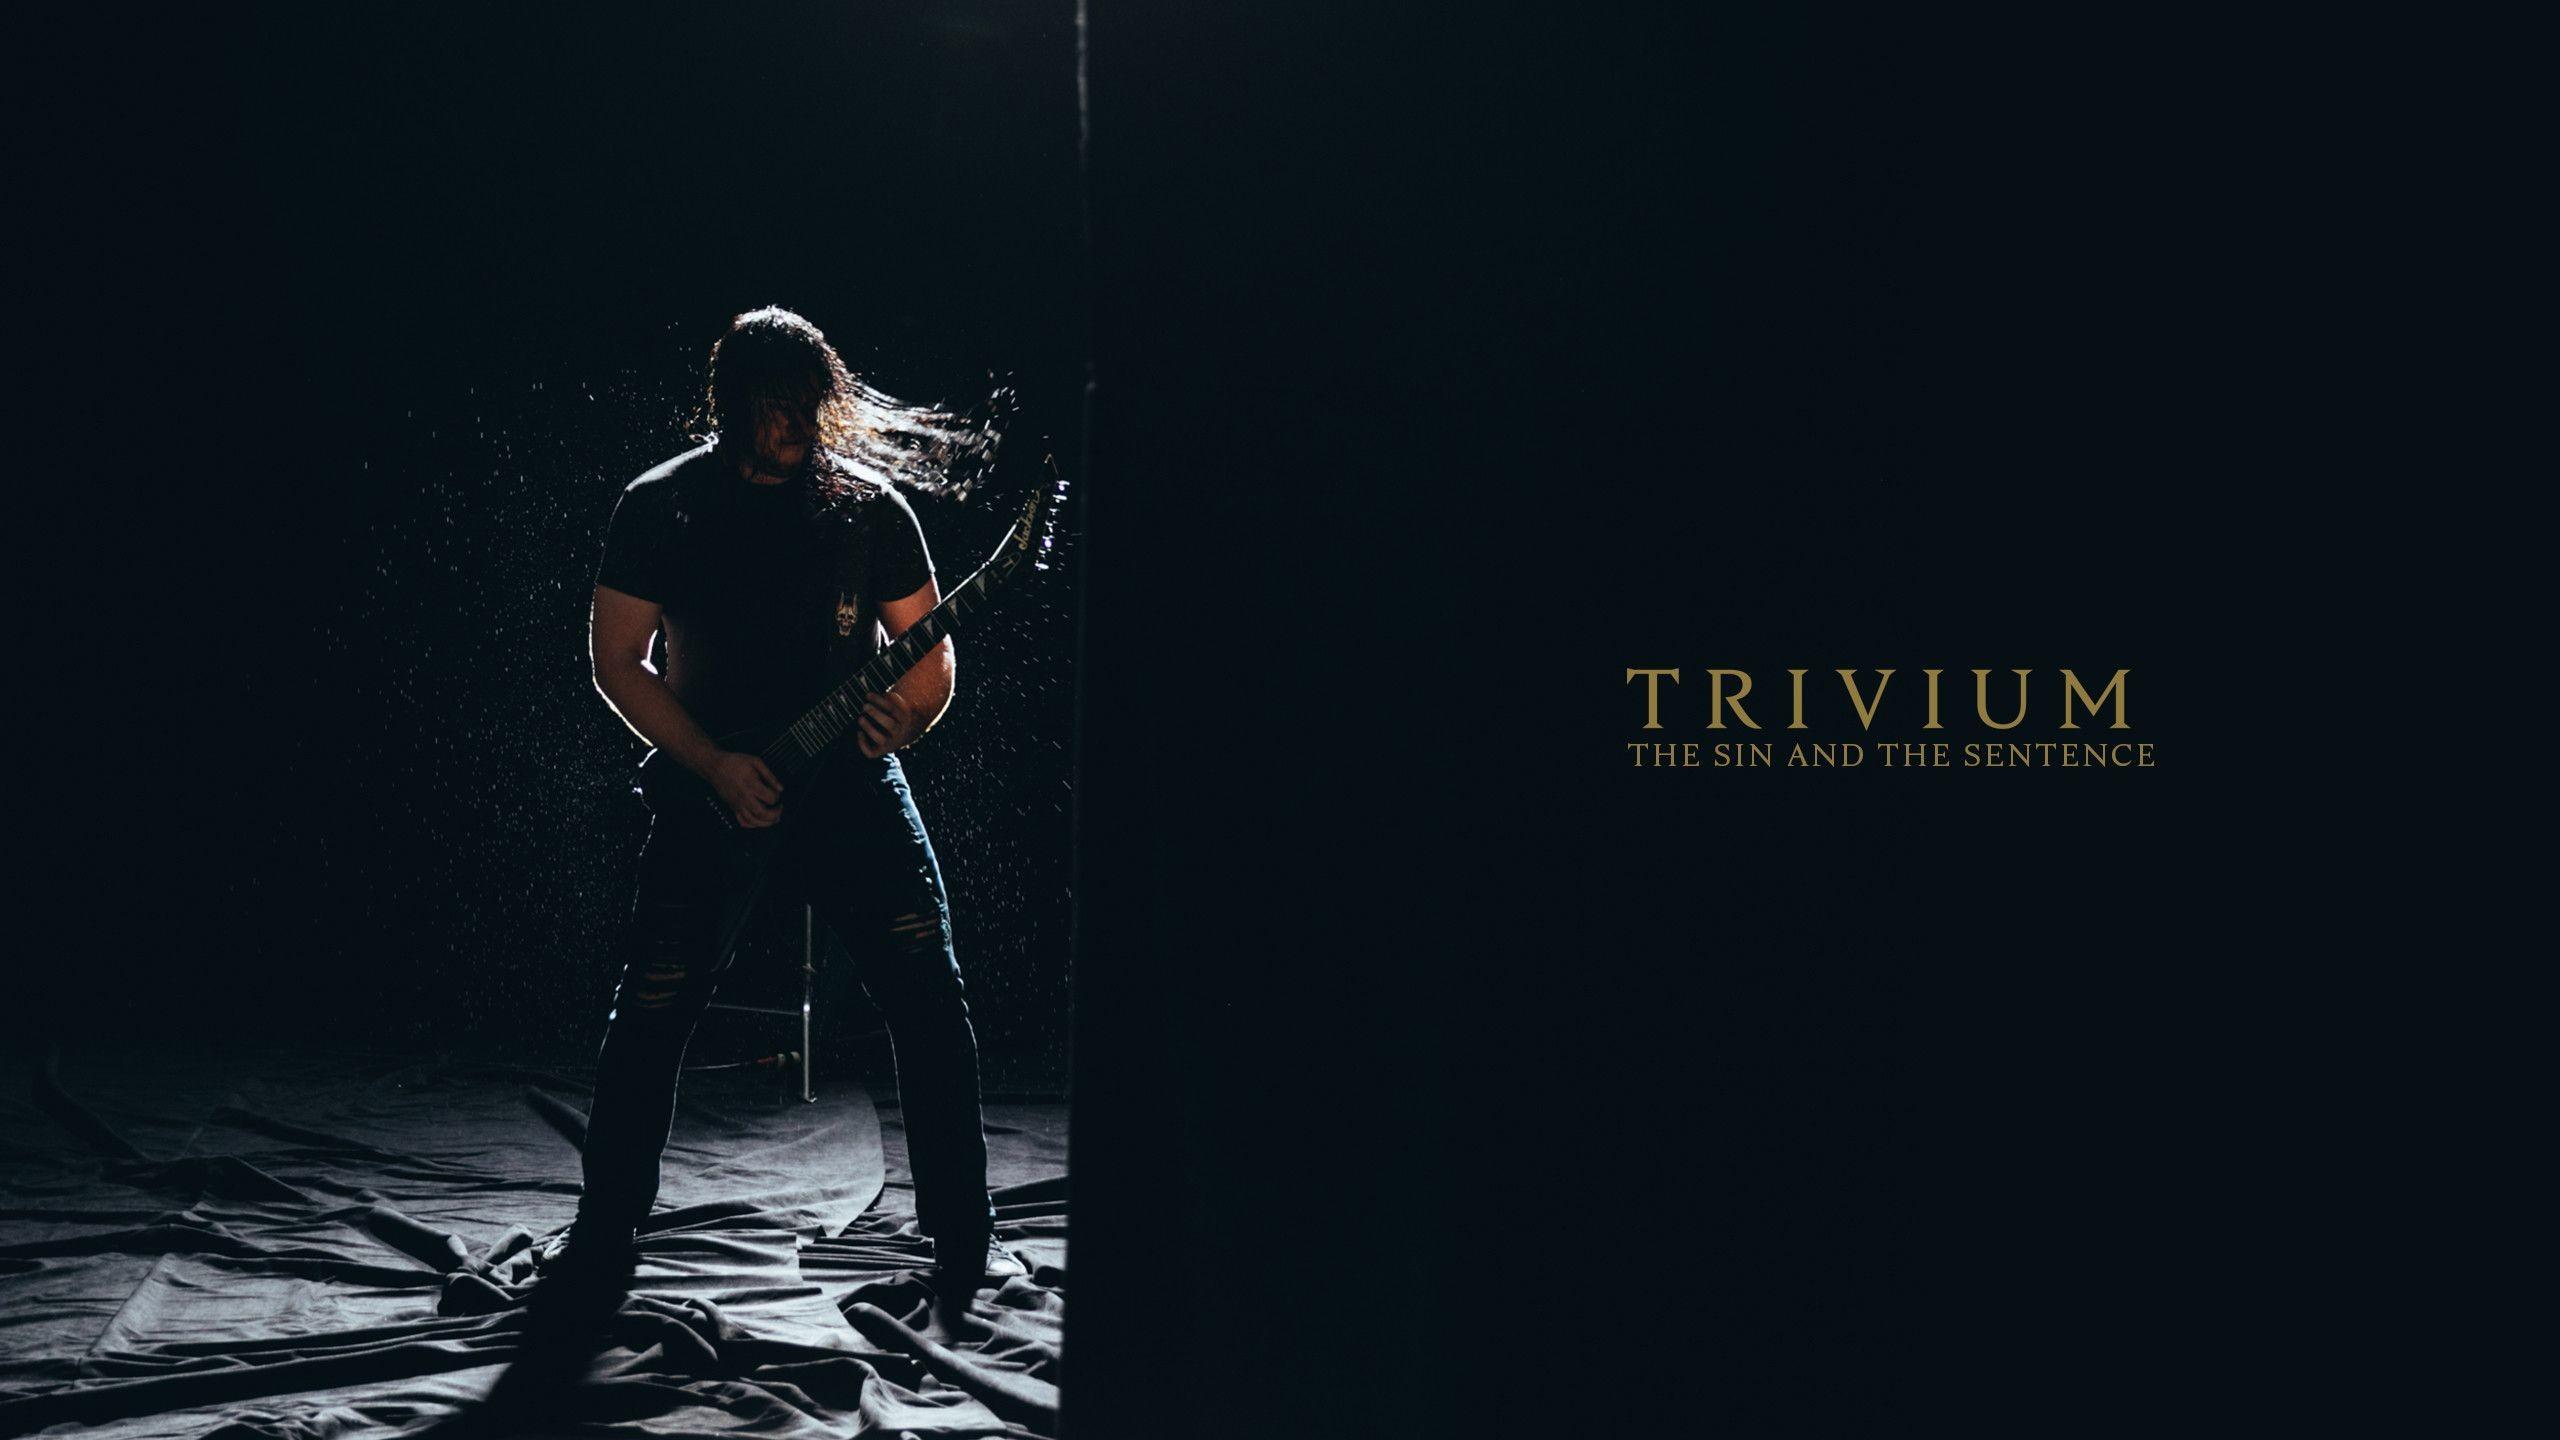 Trivium Wallpaper (69+ images)